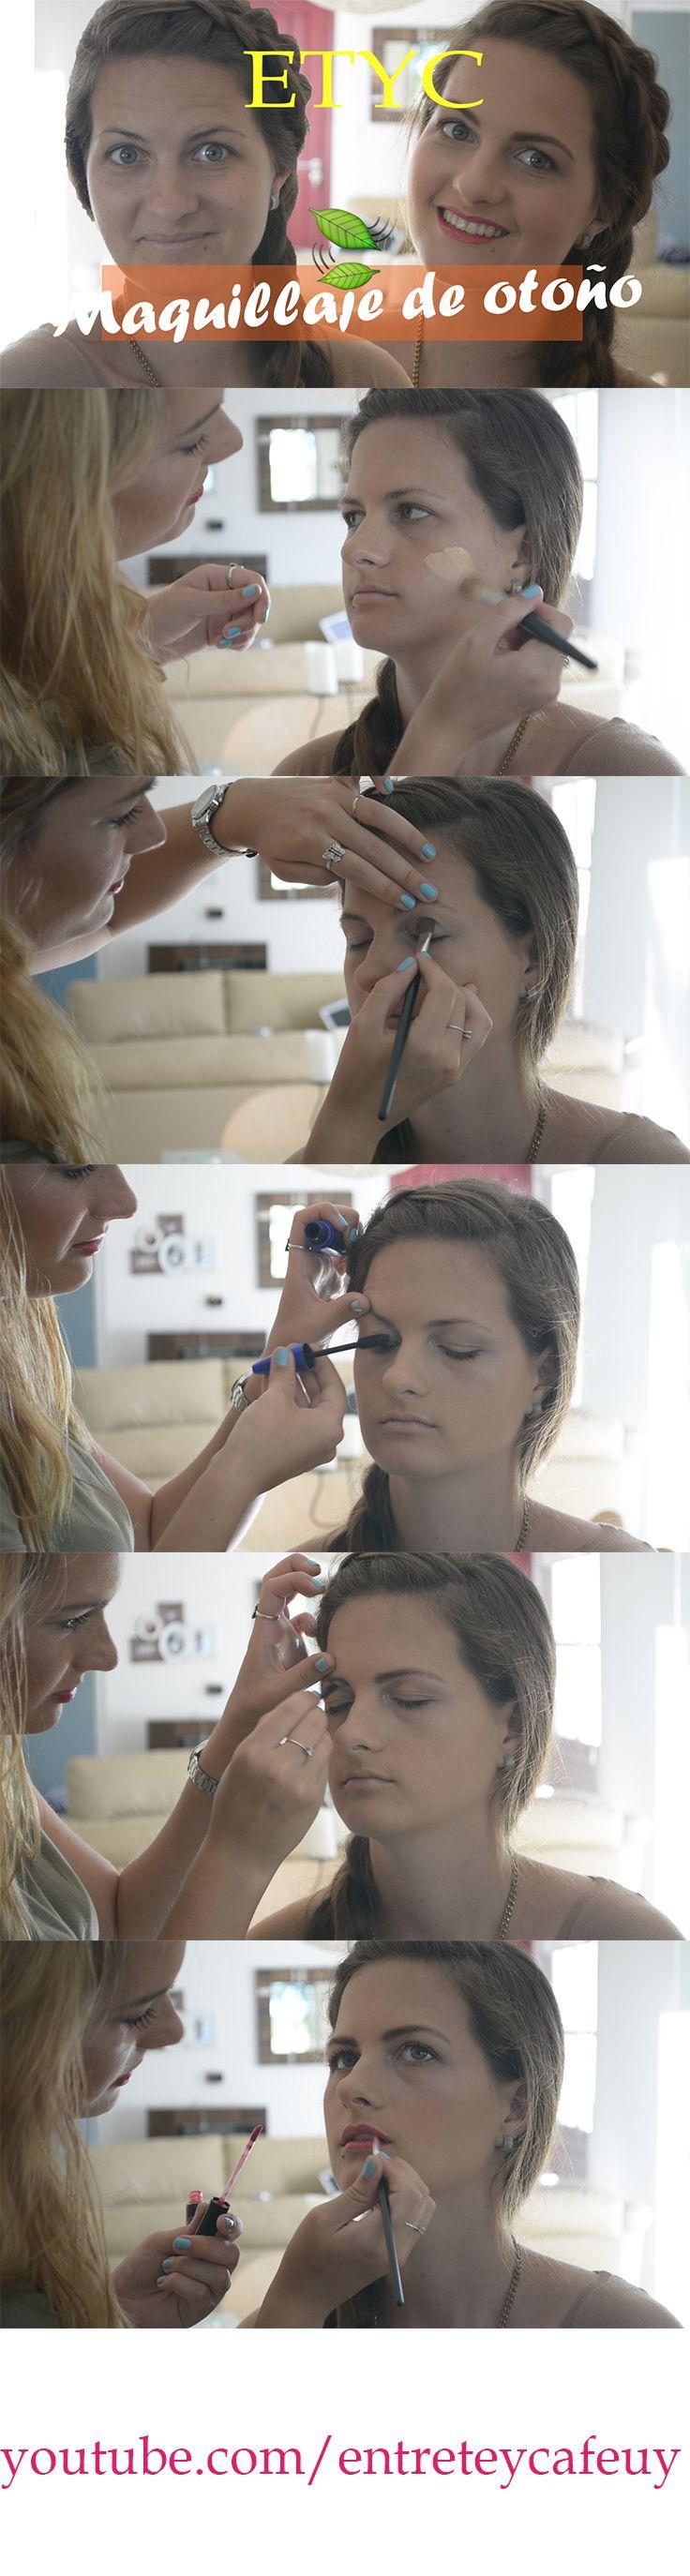 Maquillaje súper suave y sencillo para el otoño.